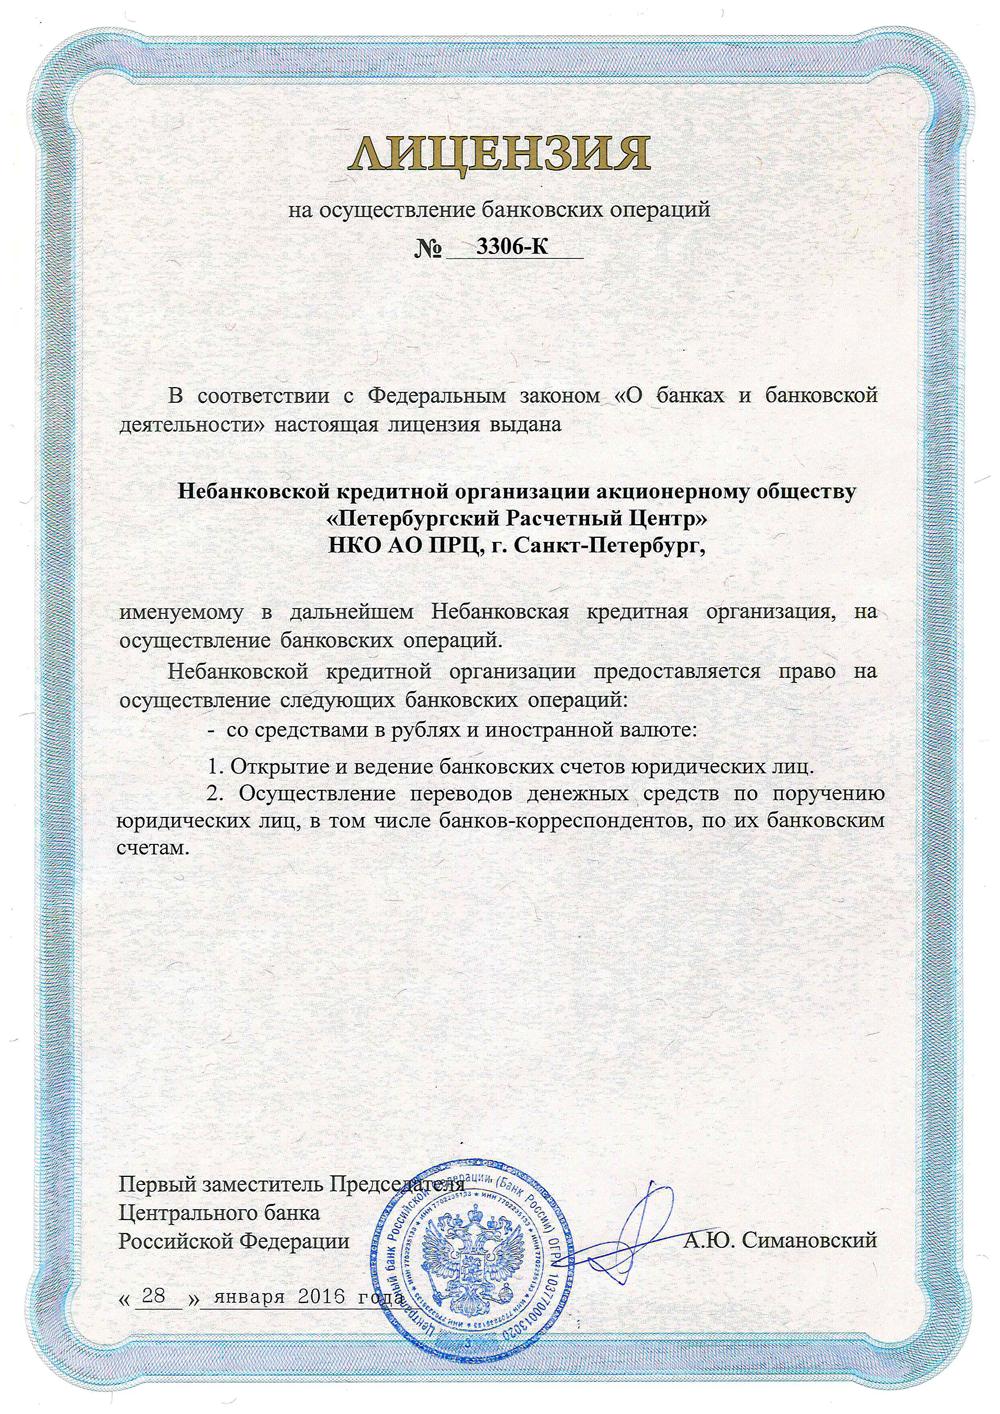 лицензия кредитной организации